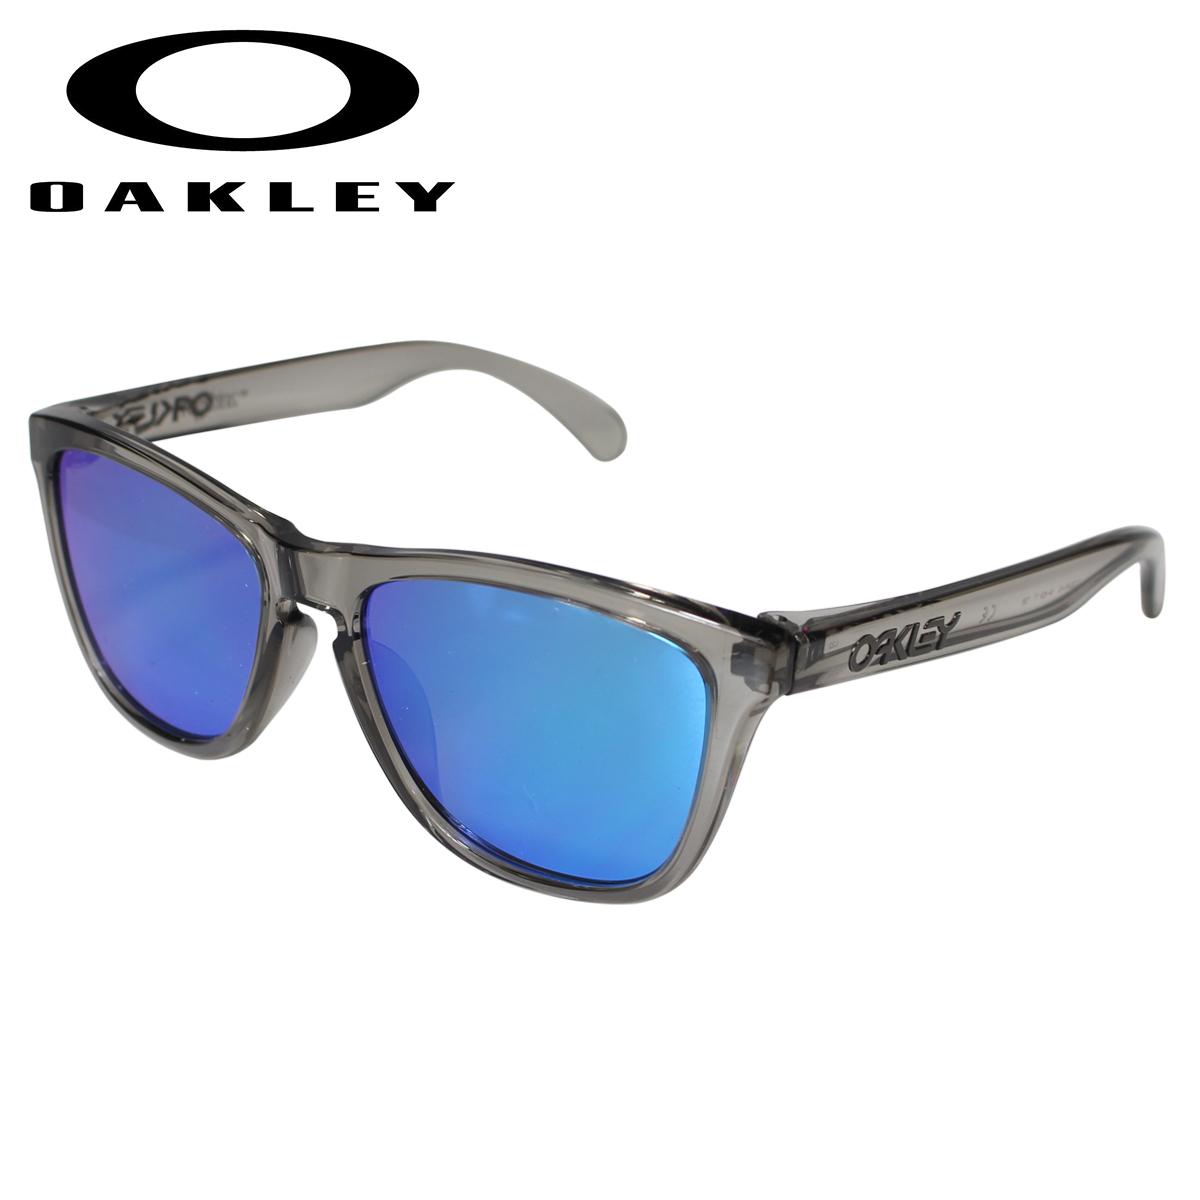 【最大2000円OFFクーポン】 オークリー Oakley サングラス フロッグスキン アジアンフィット メンズ レディース Frogskins ASIA FIT グレーインク OO9245-42